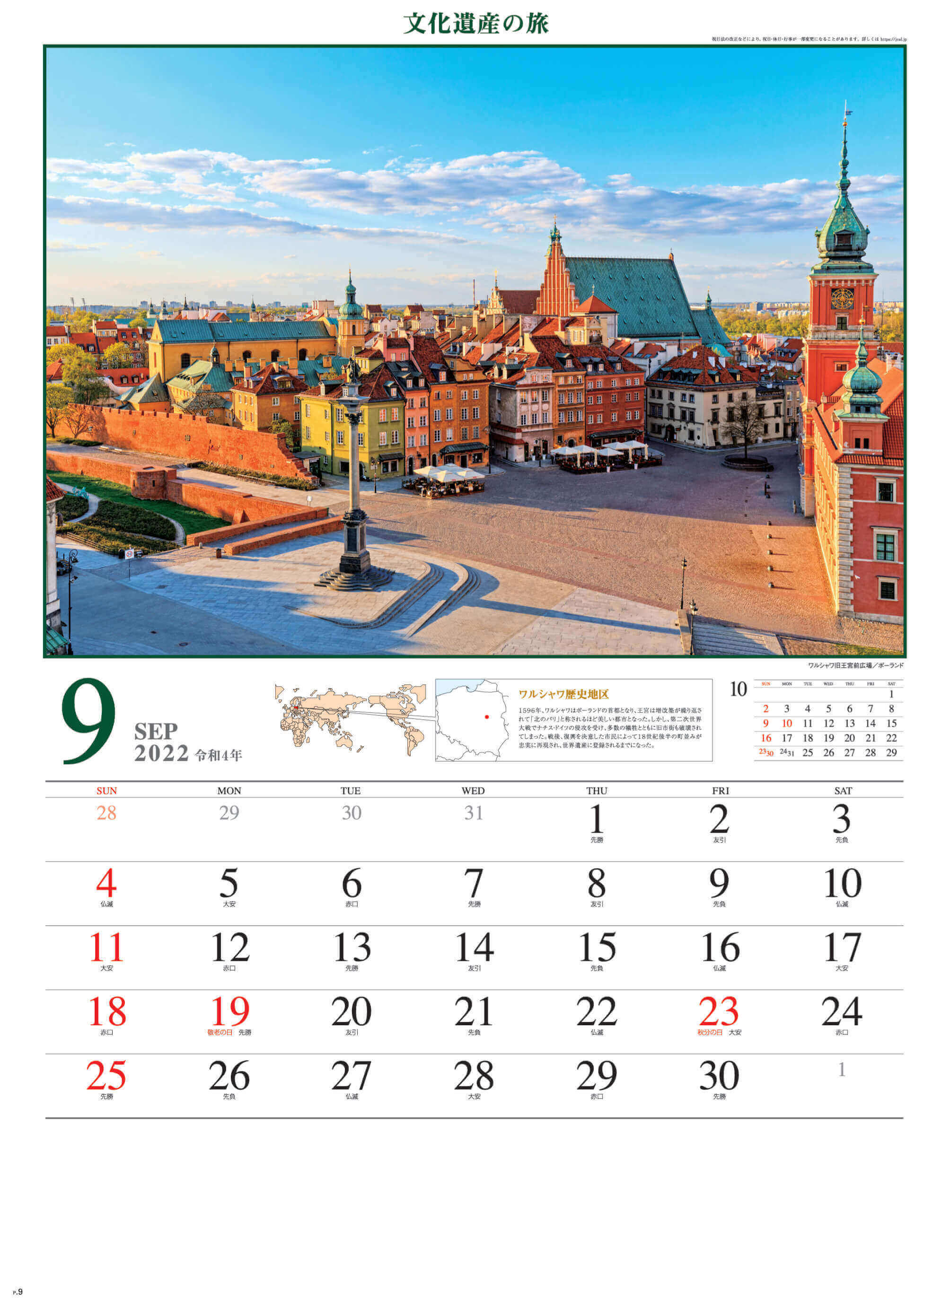 9月 ワルシャワ歴史地区 ポーランド 文化遺産の旅(ユネスコ世界遺産) 2022年カレンダーの画像